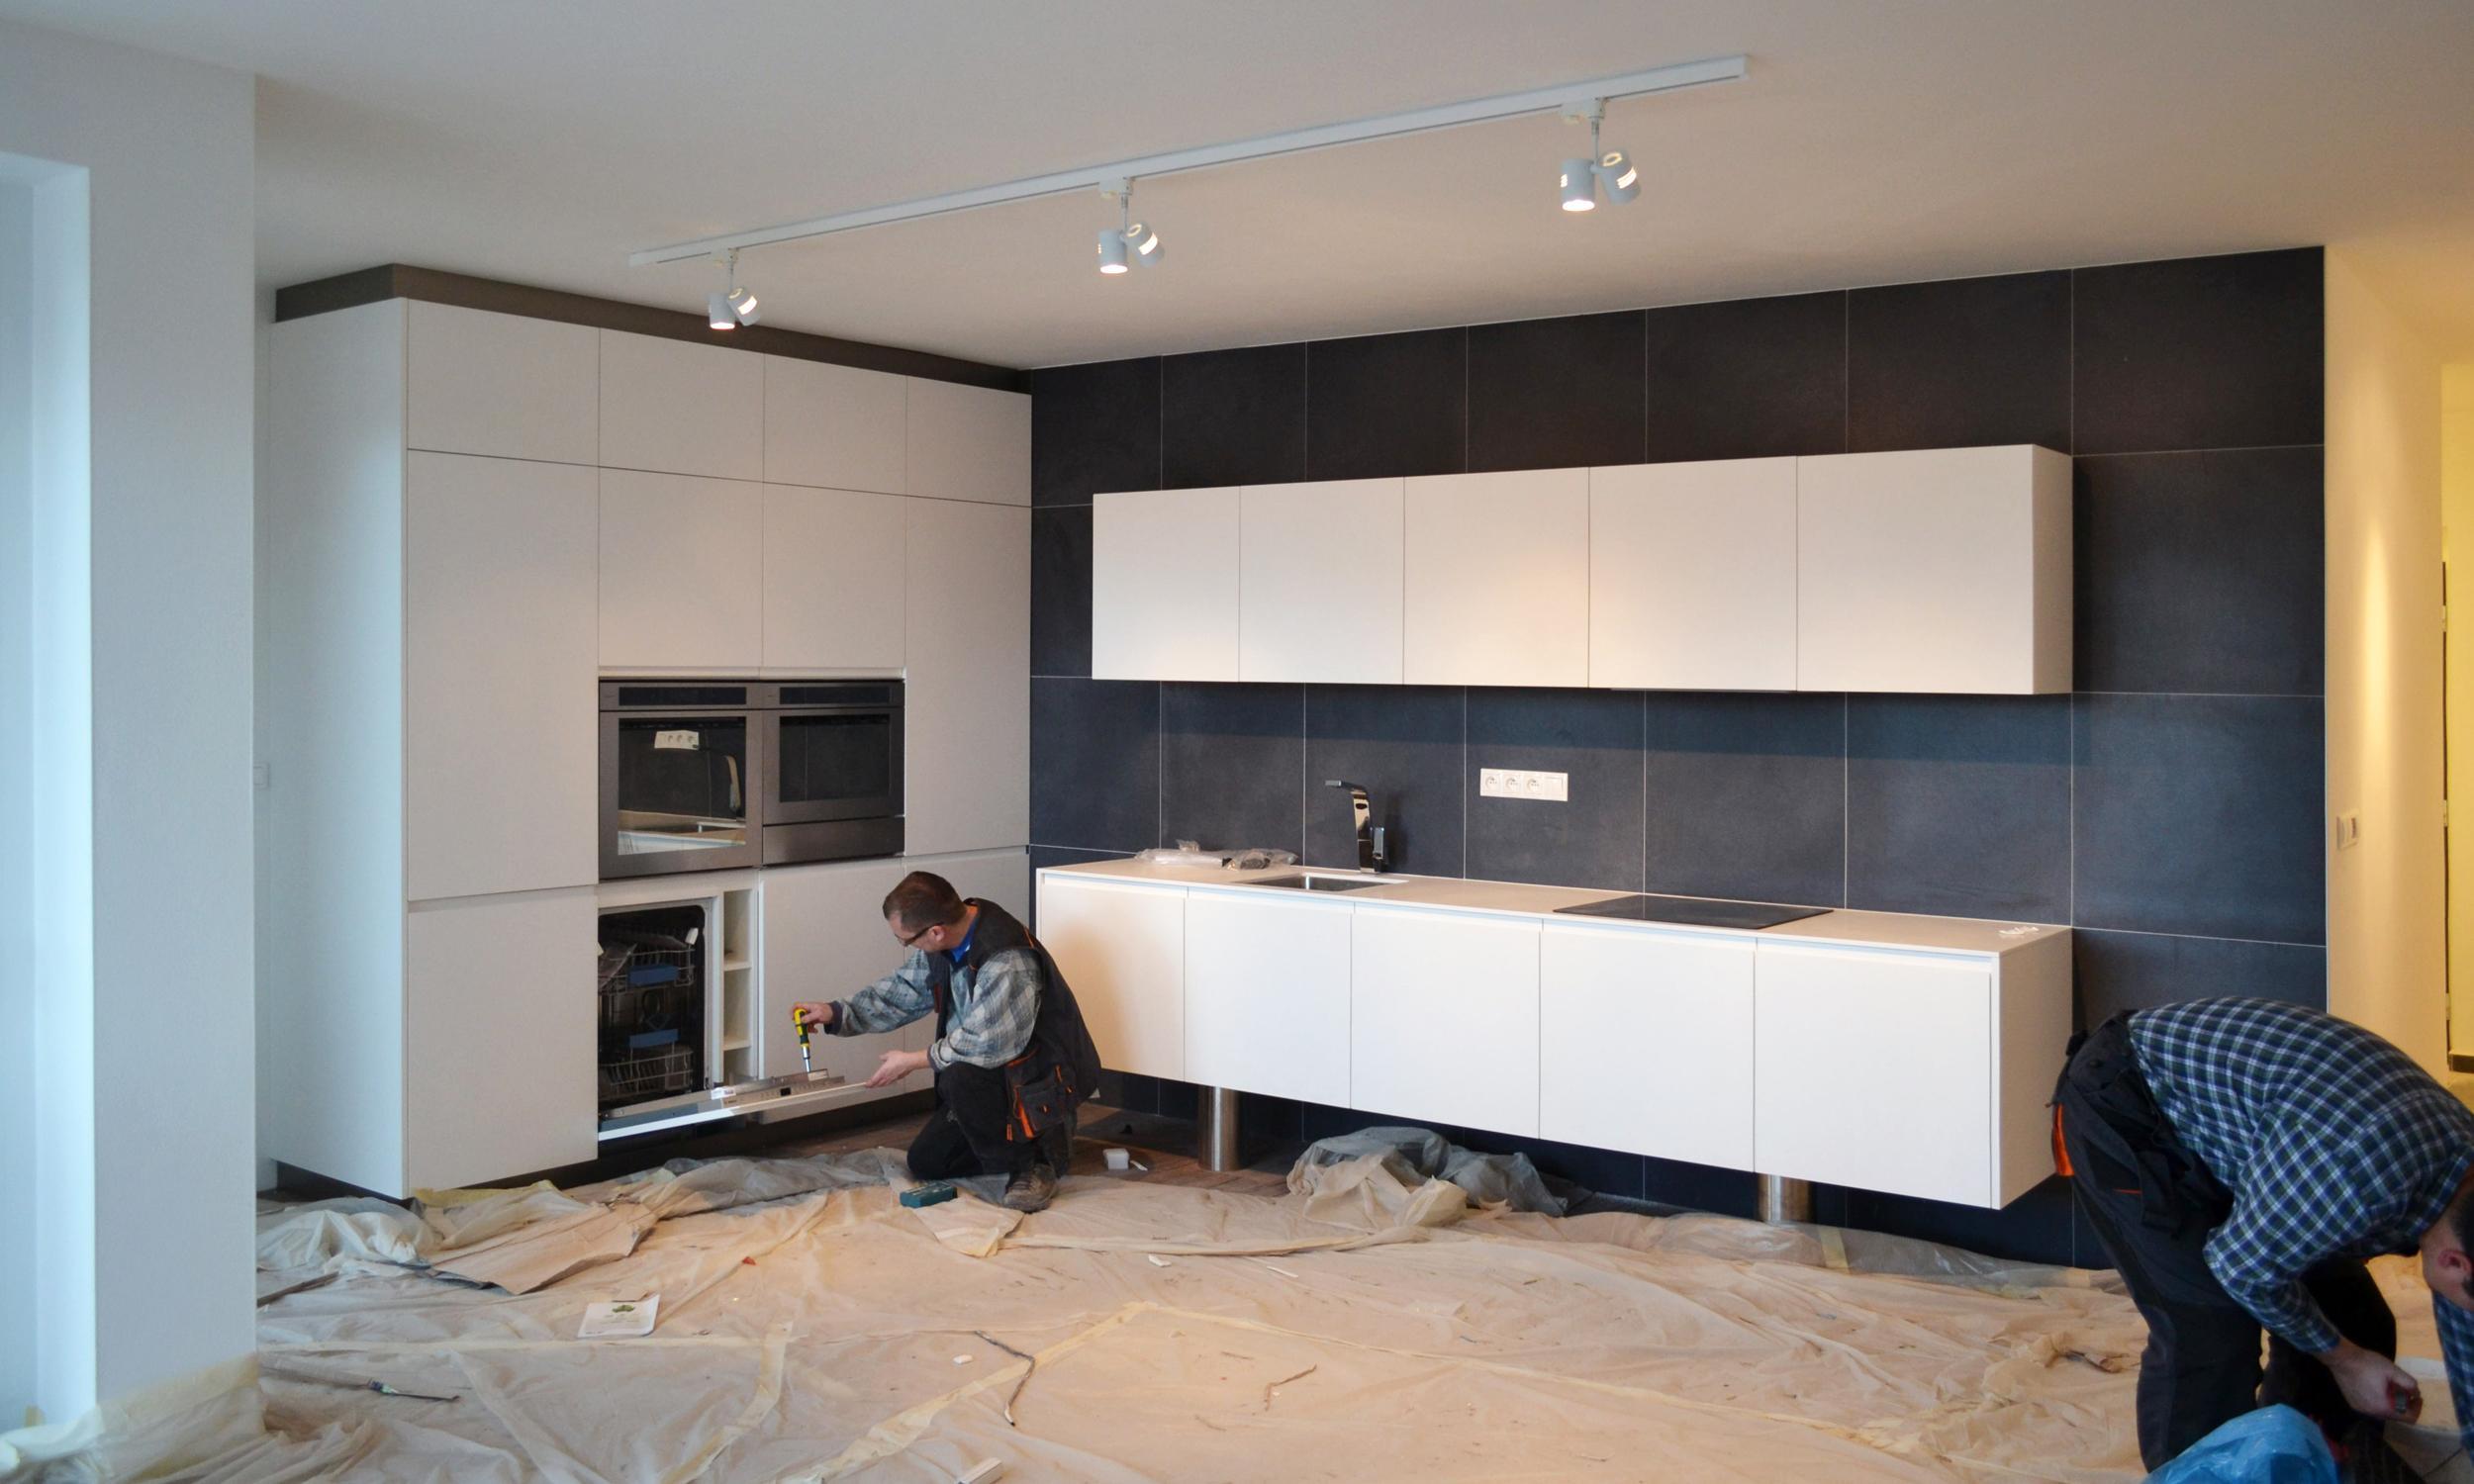 Innenarchitektur Aus Einem Wohnzimmer Mit K U00fcche Und Esszimmer